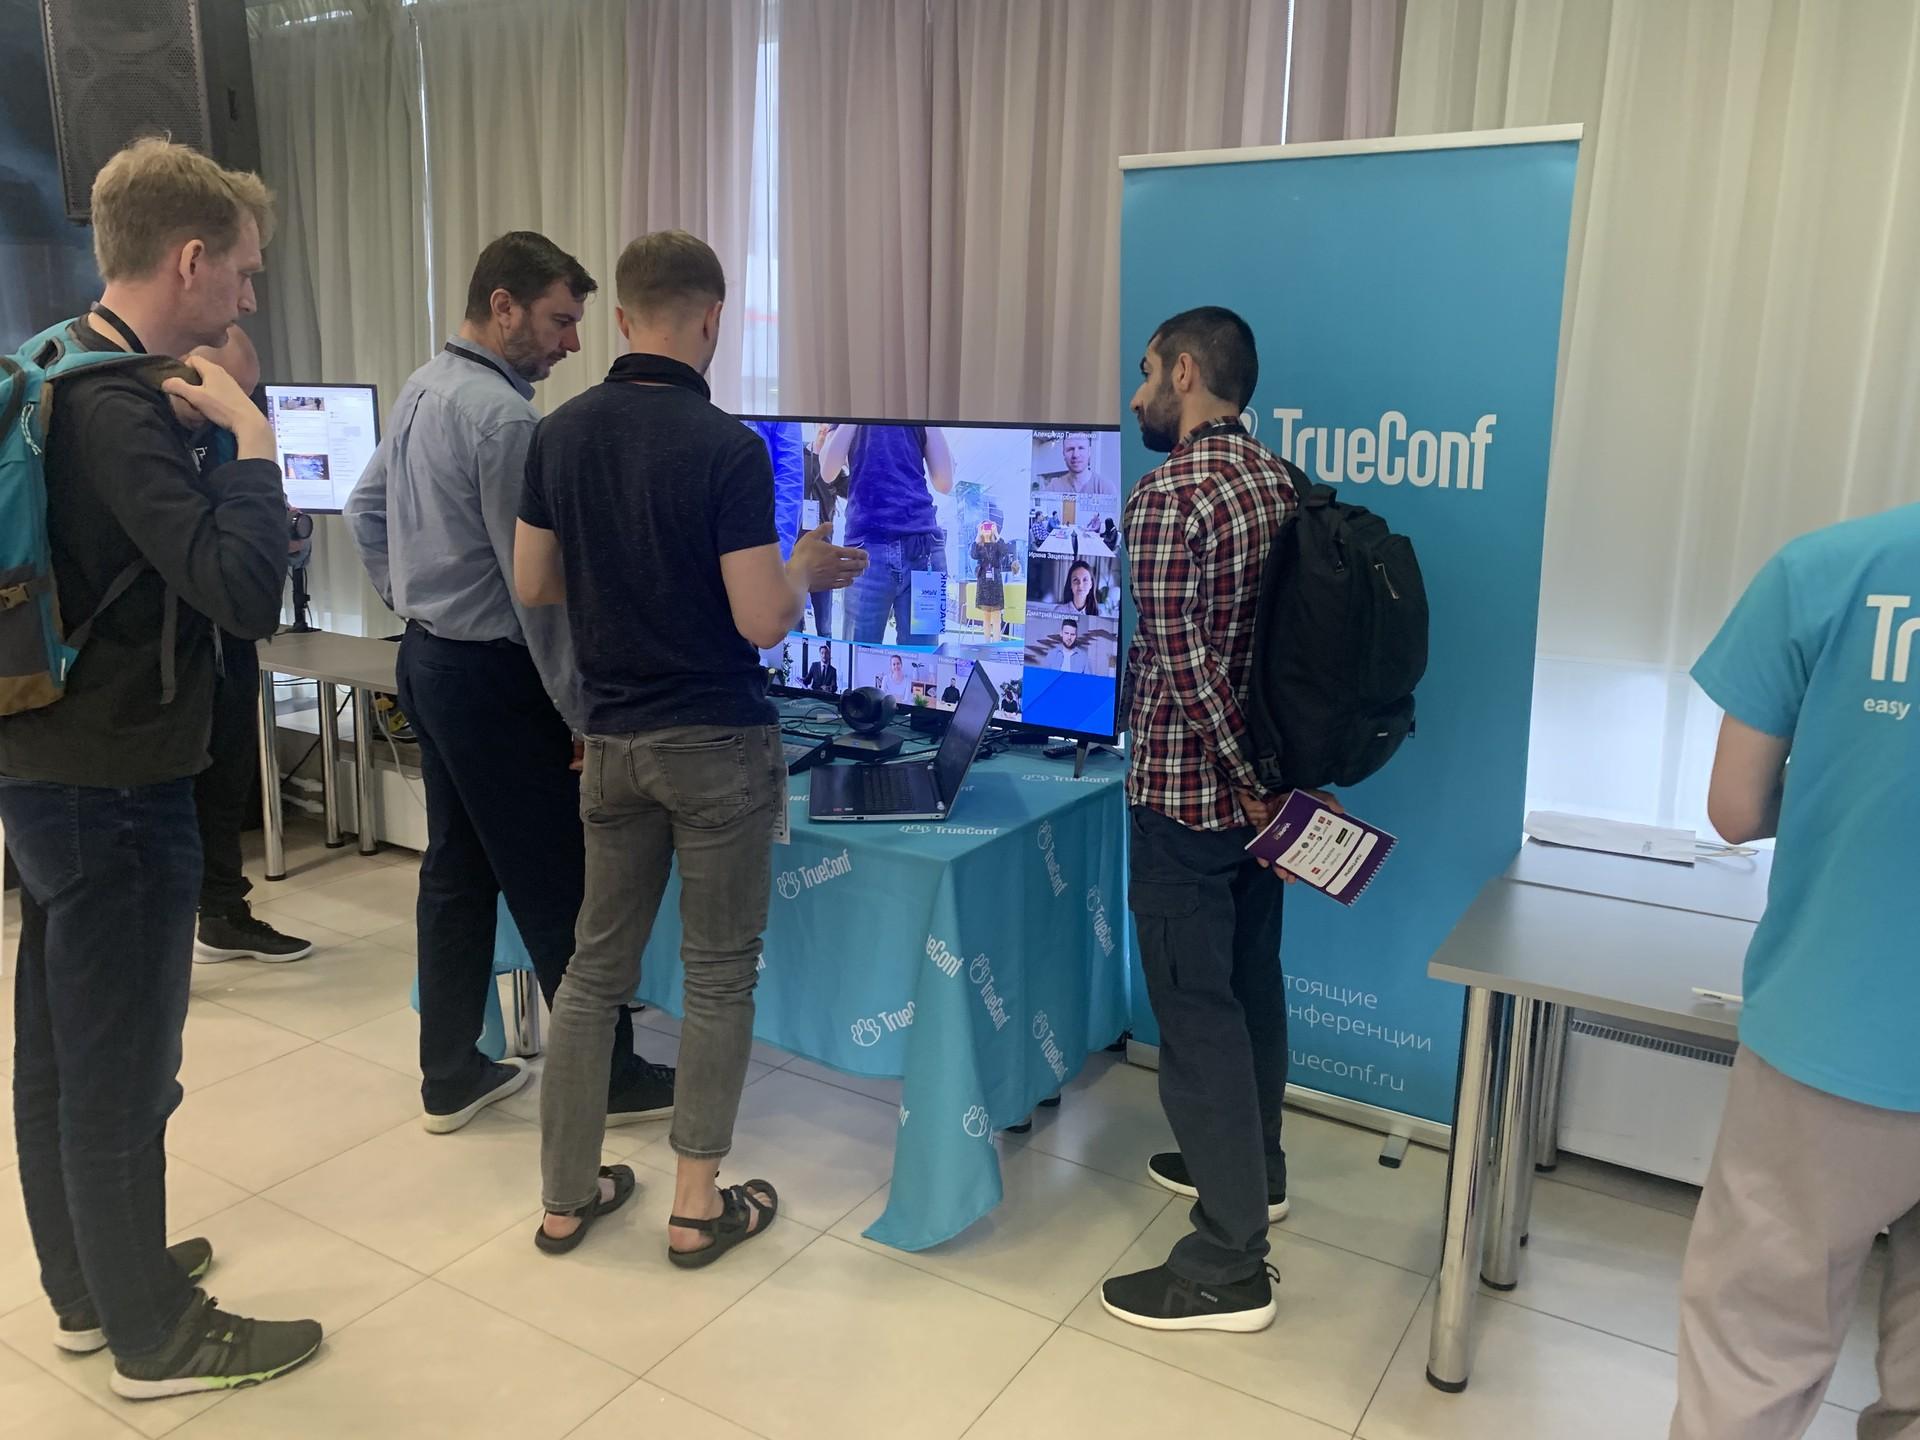 TrueConf принял участие в форуме VidMK2021 2